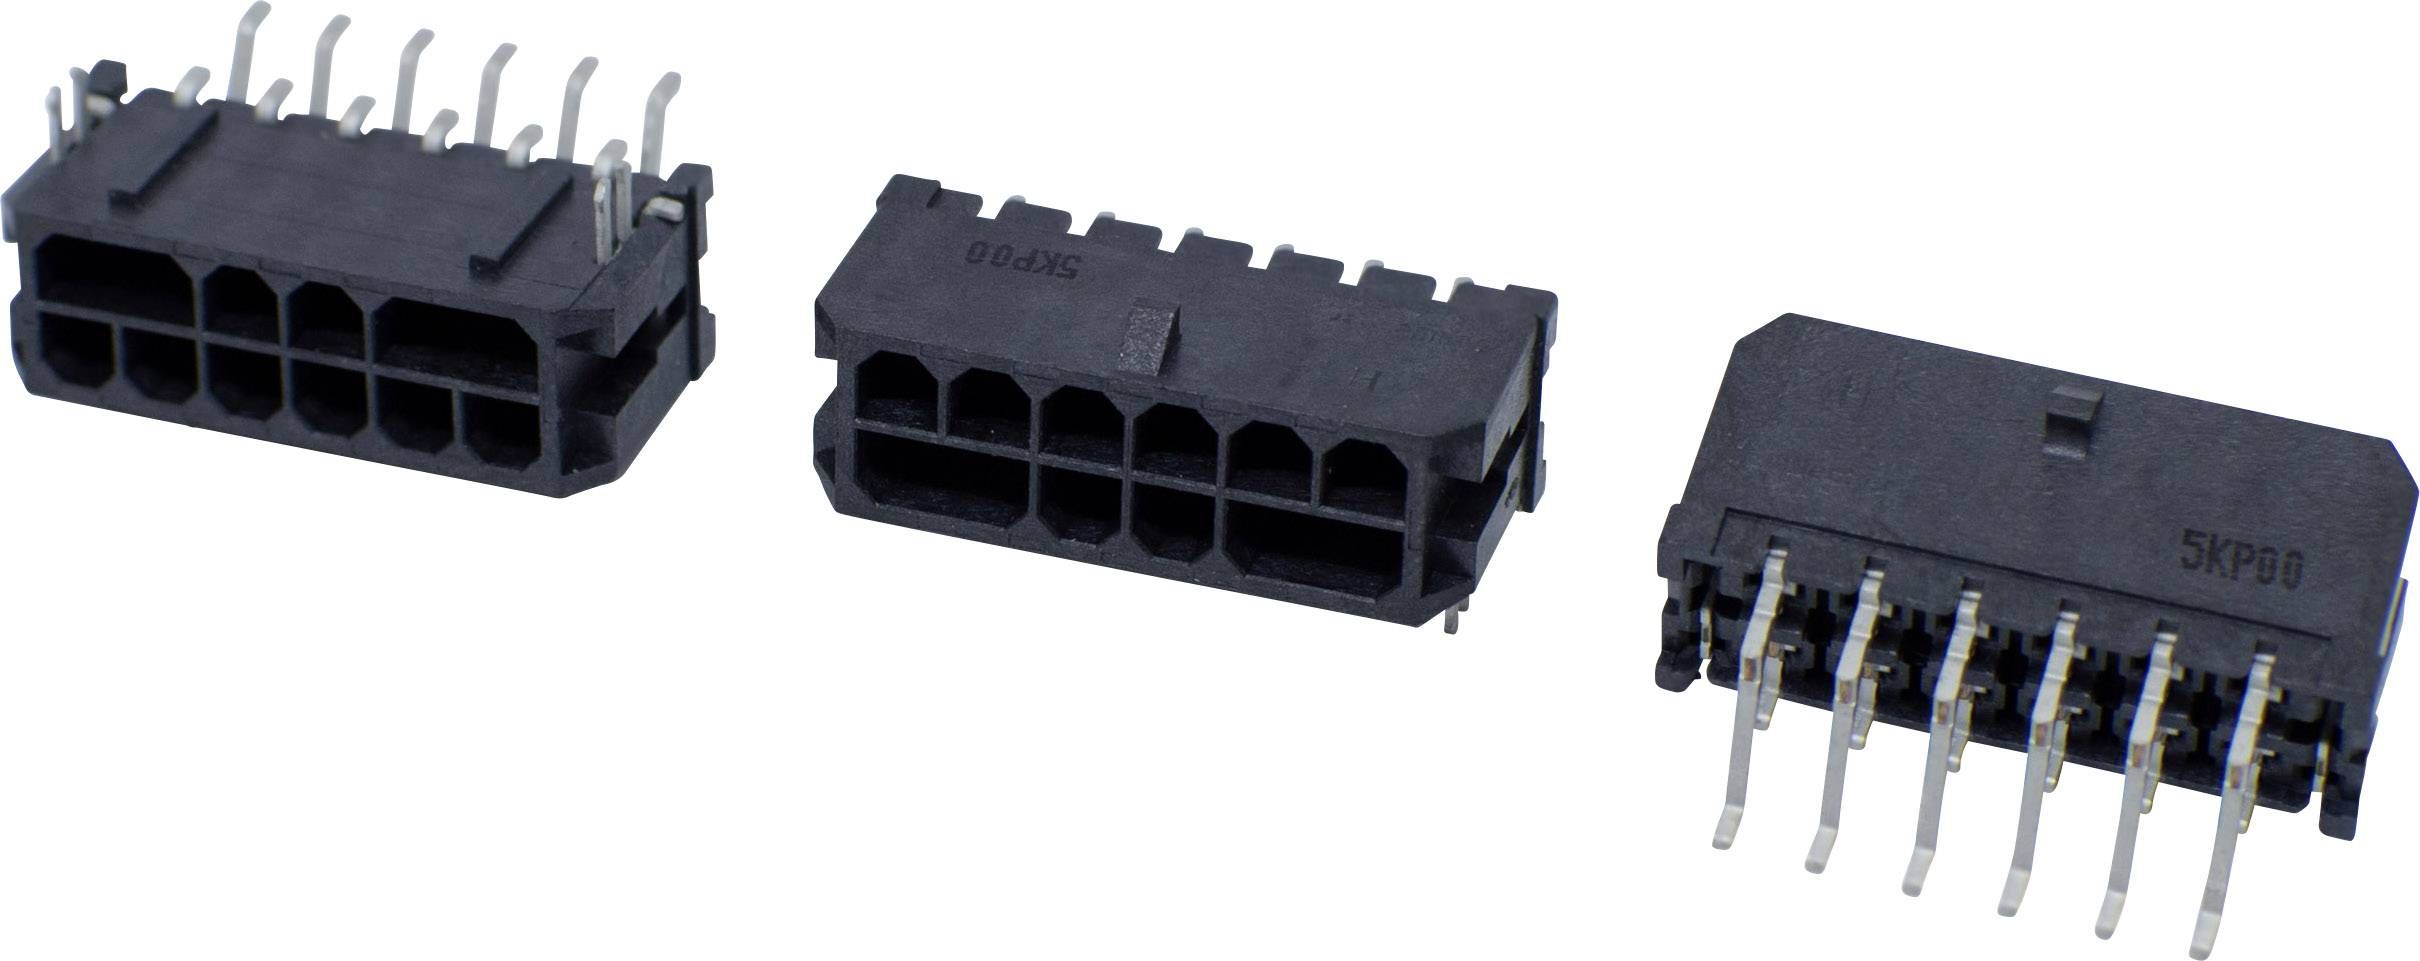 Pinová lišta (štandardná) BellWether 70096-1808, pólů 18, rozteč 3 mm, 1 ks